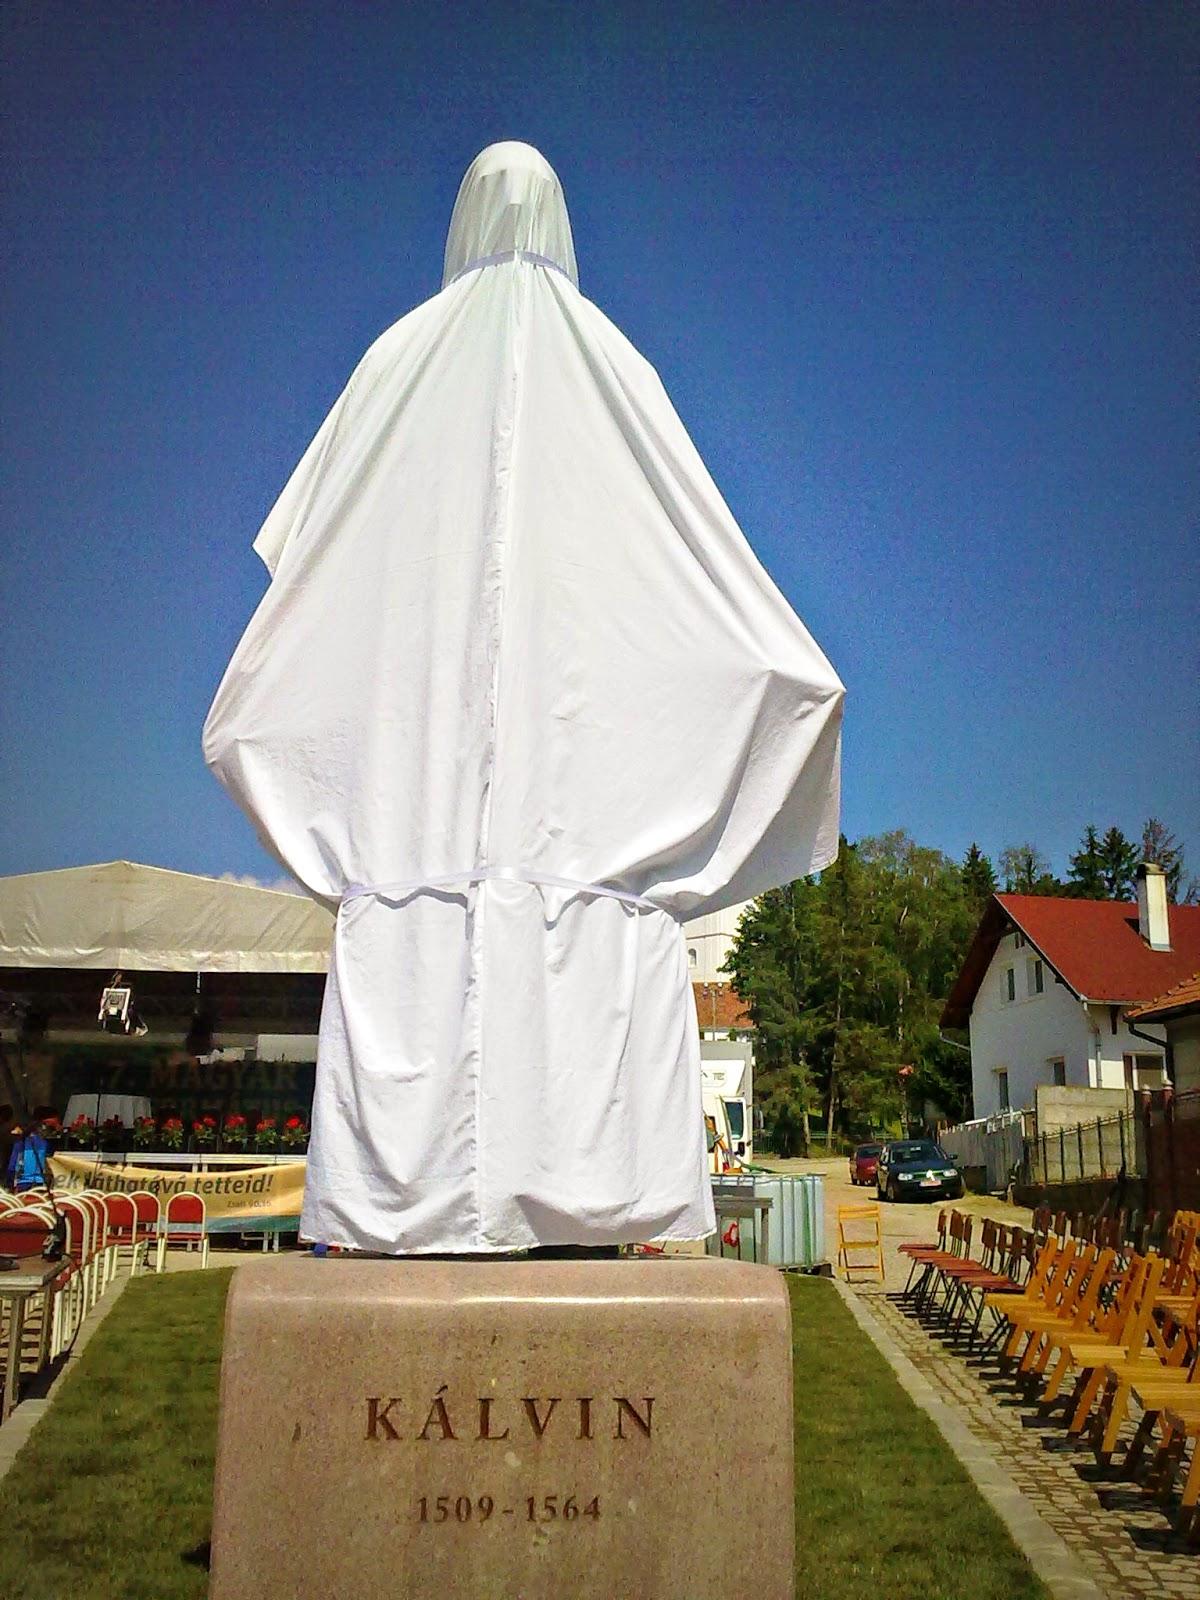 magyar reformátusok világtalálkozója, Sepsiszentgyörgy, Kálvin-tér, Kálvin-szobor